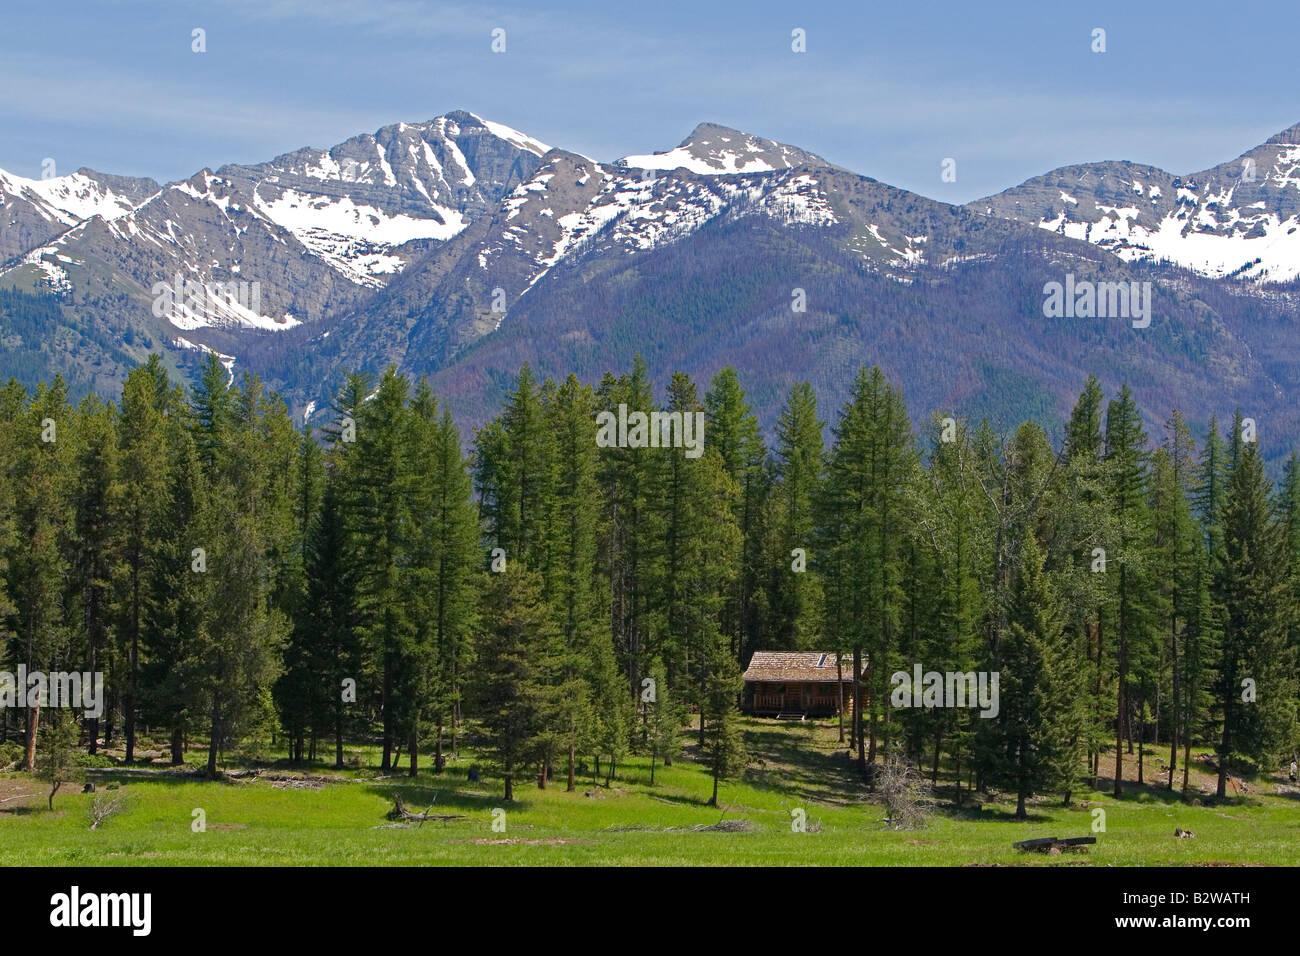 Cabaña se asienta debajo de las Montañas Rocosas cerca de Condon Montana Imagen De Stock